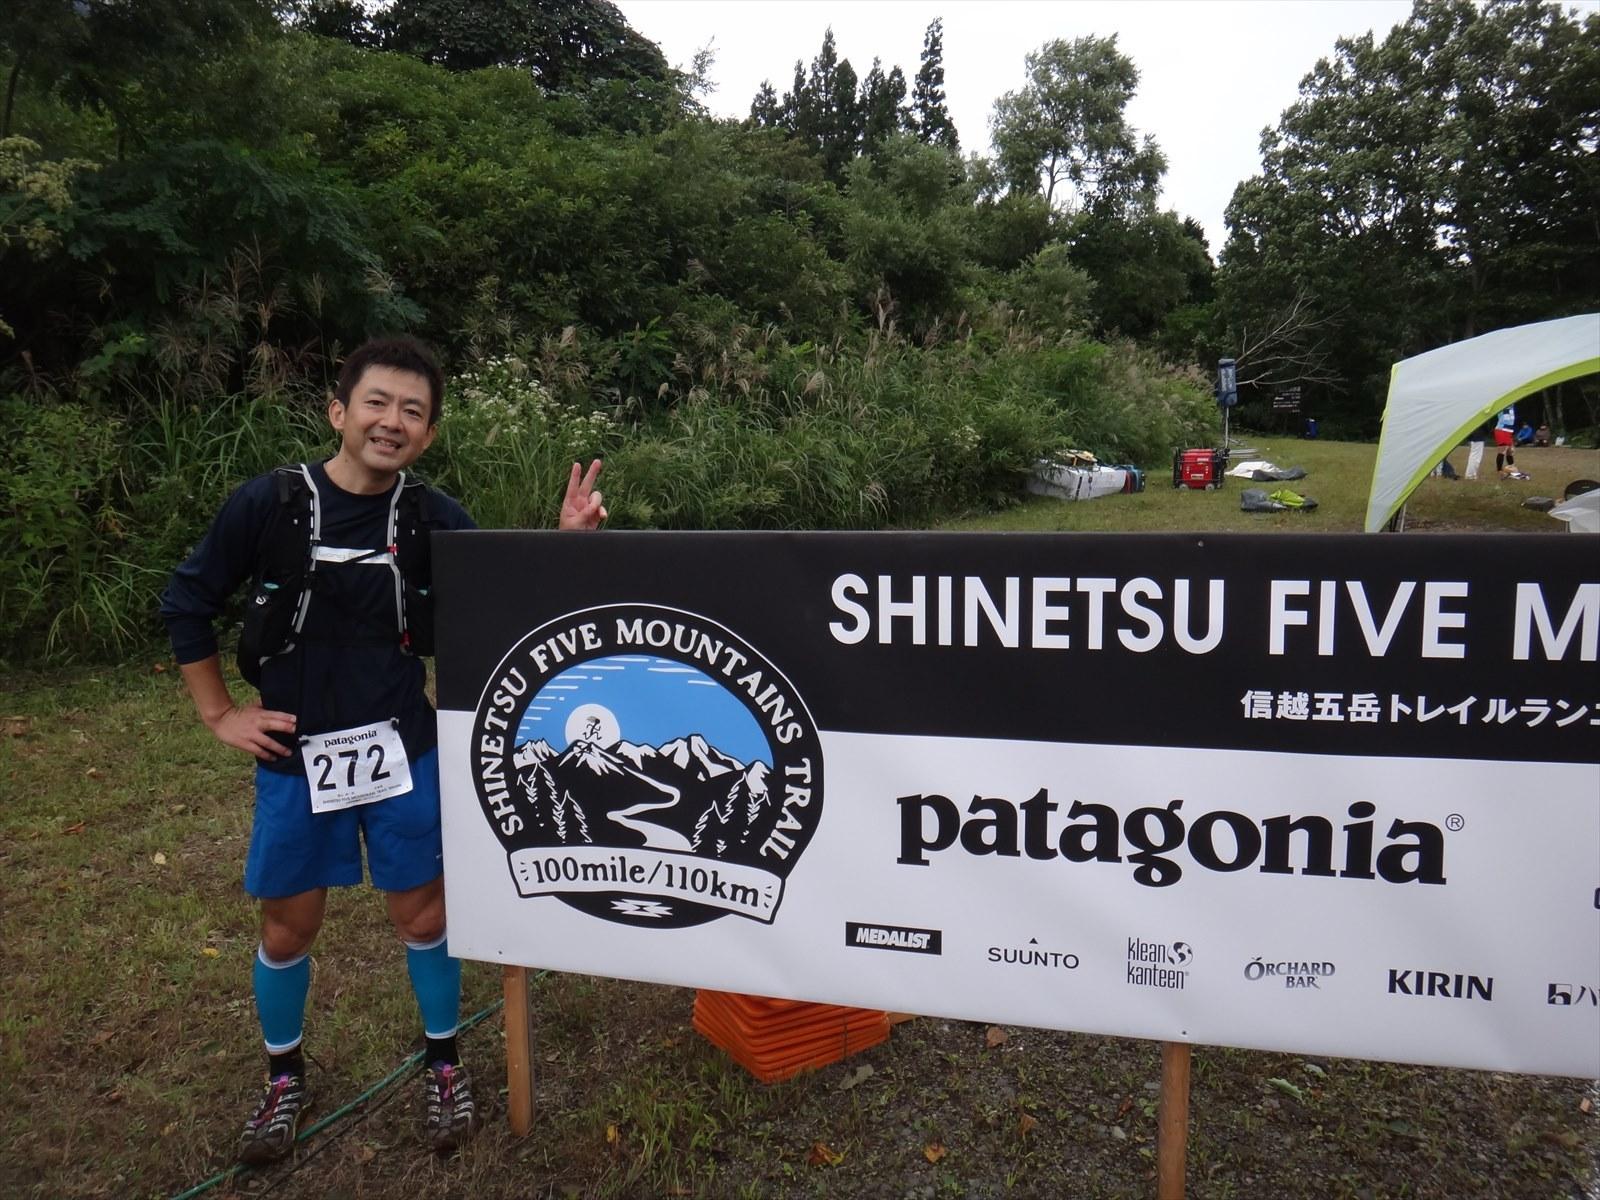 信越 五岳 トレイル ランニング レース